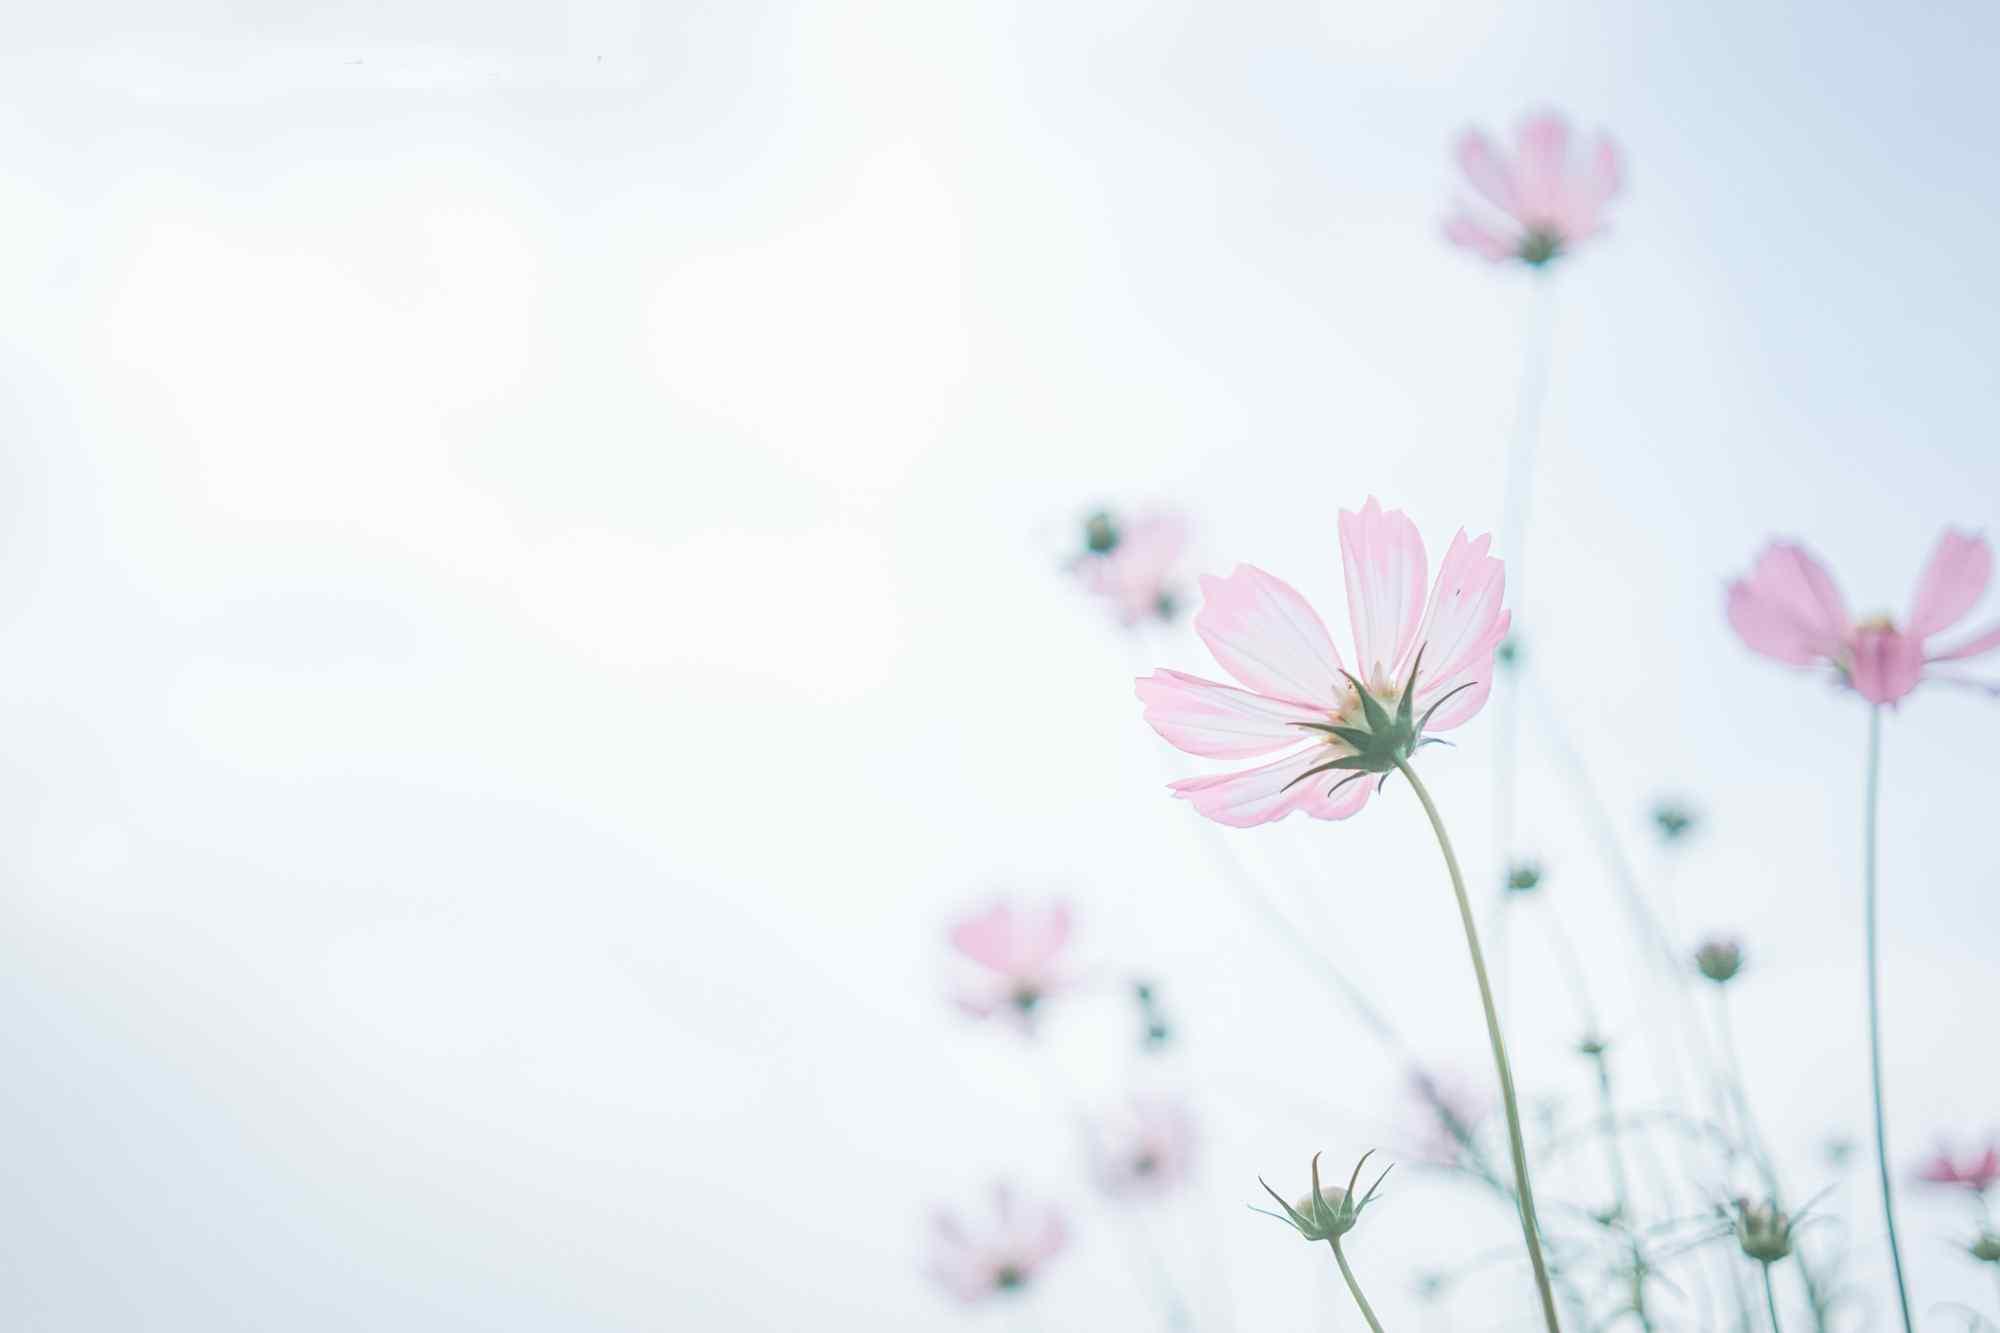 唯美花朵图片桌面壁纸